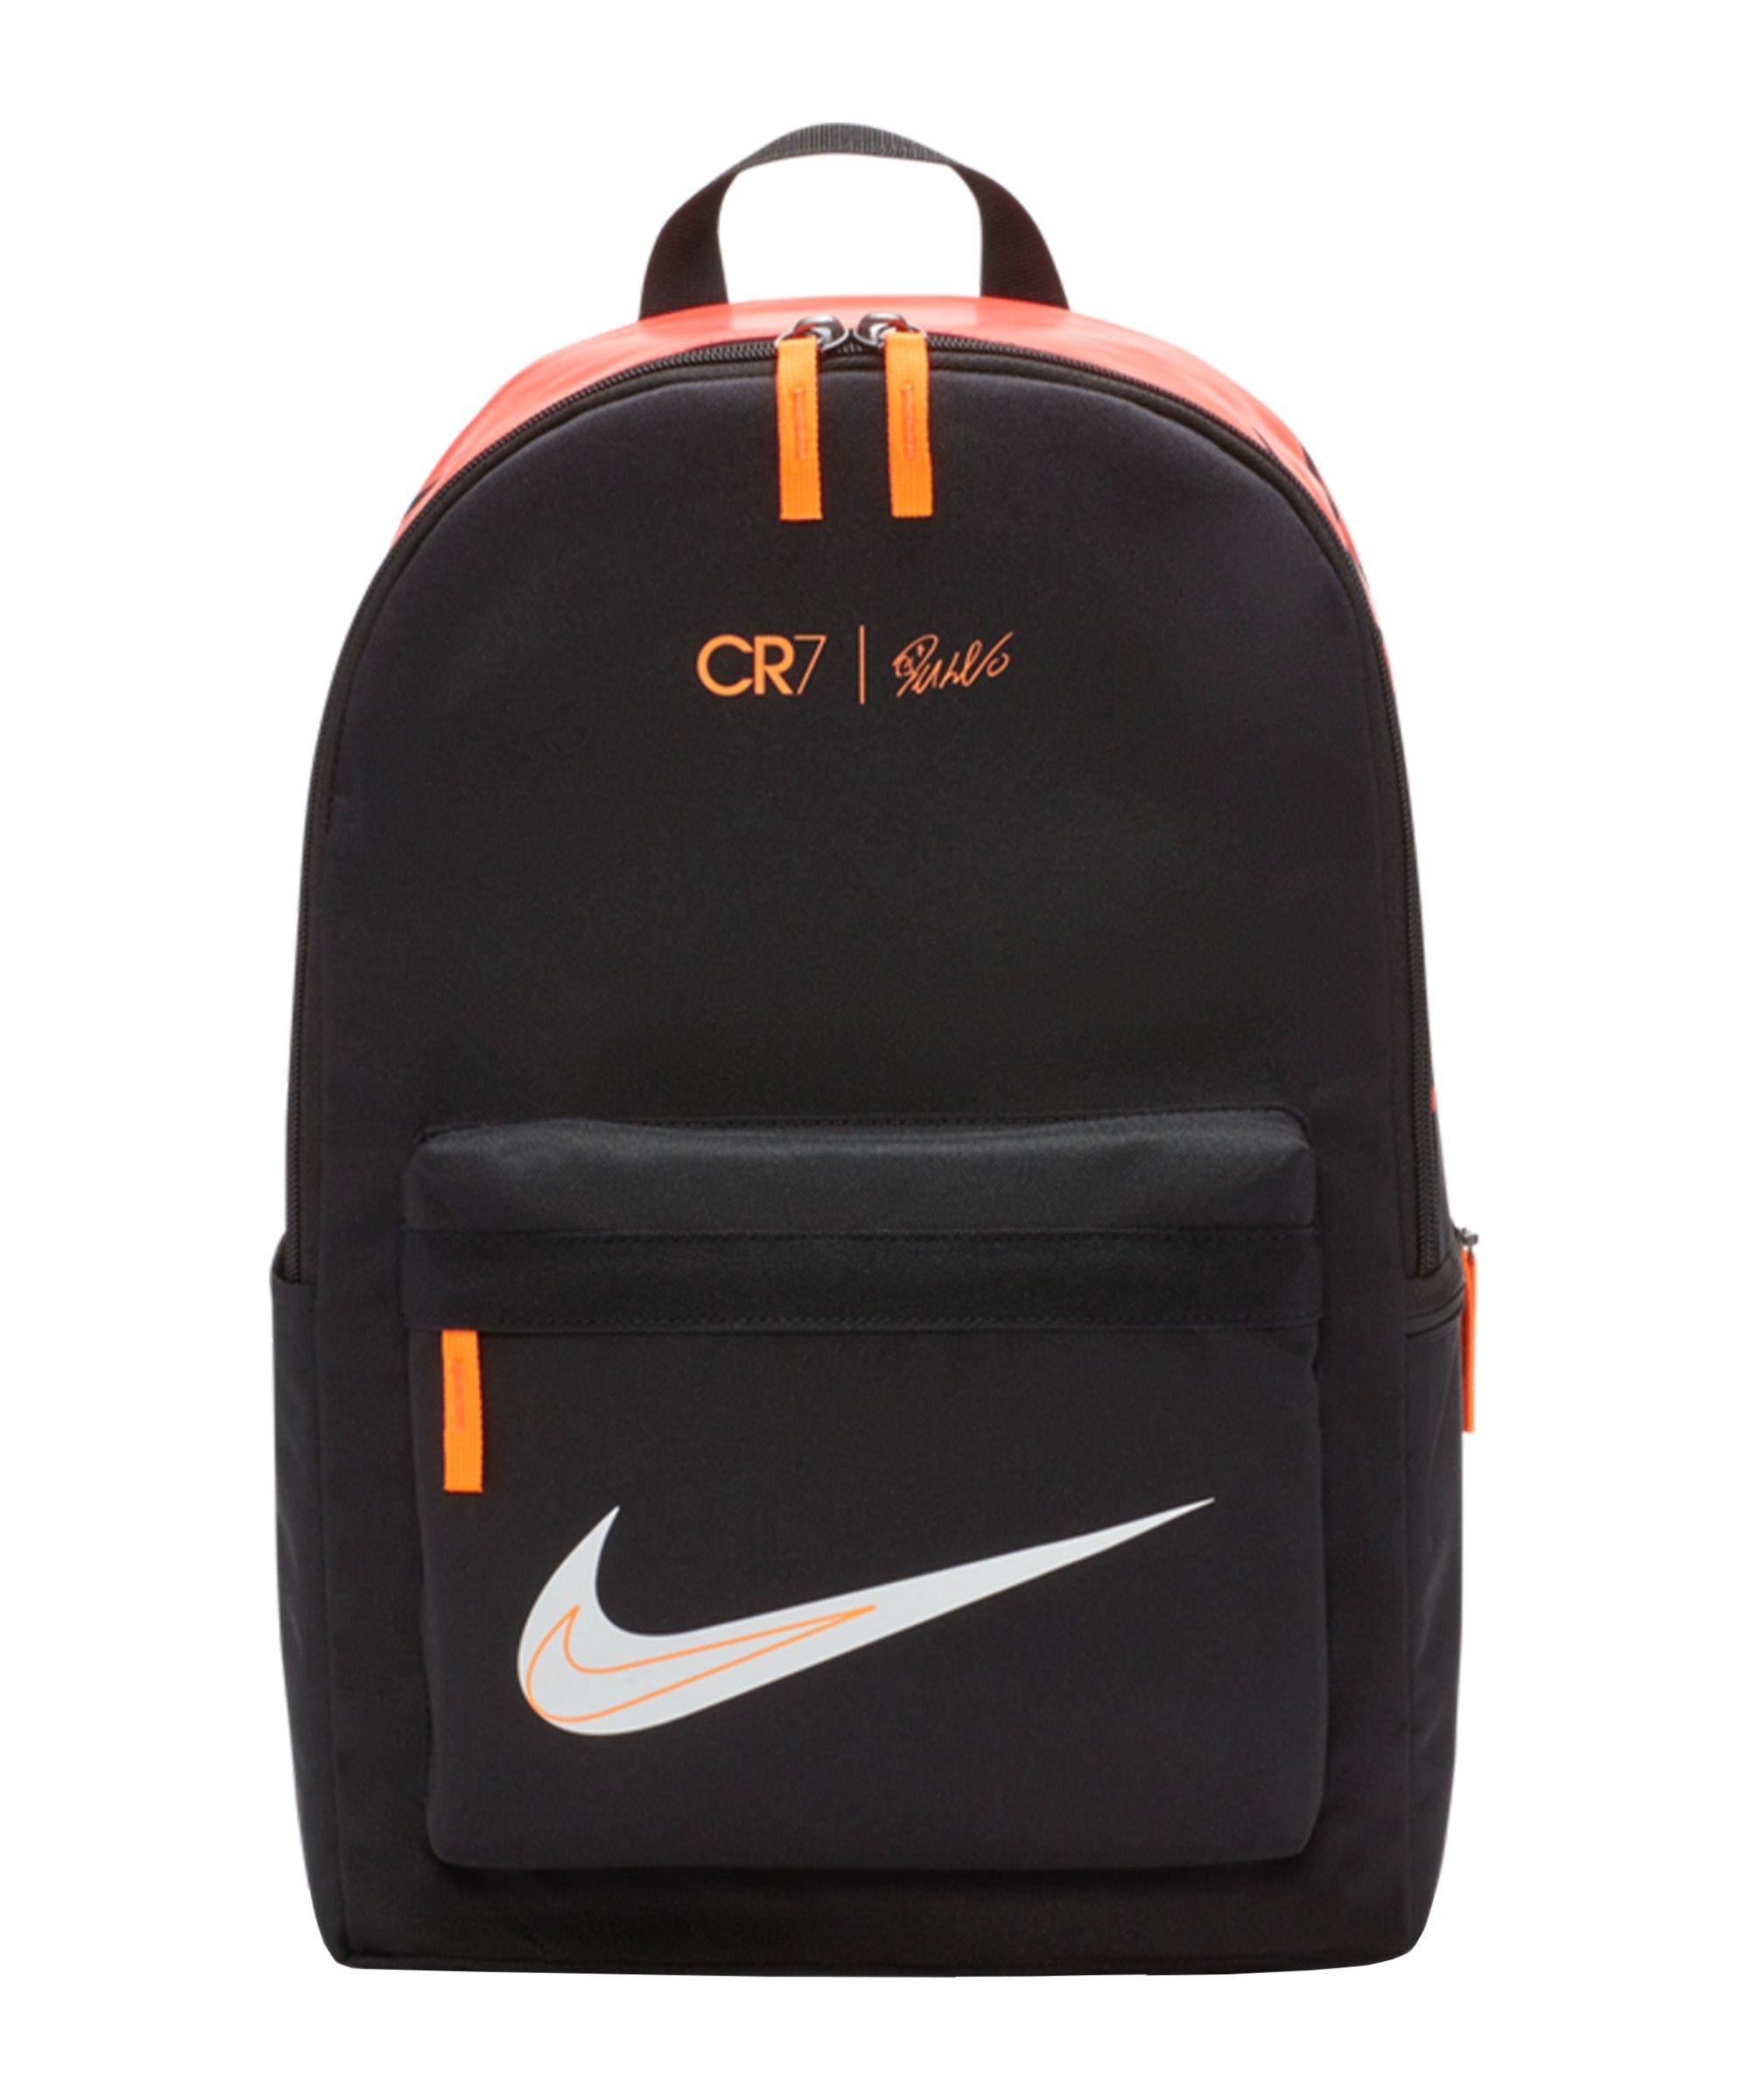 Nike CR7 Rucksack Schwarz Orange F010 - schwarz